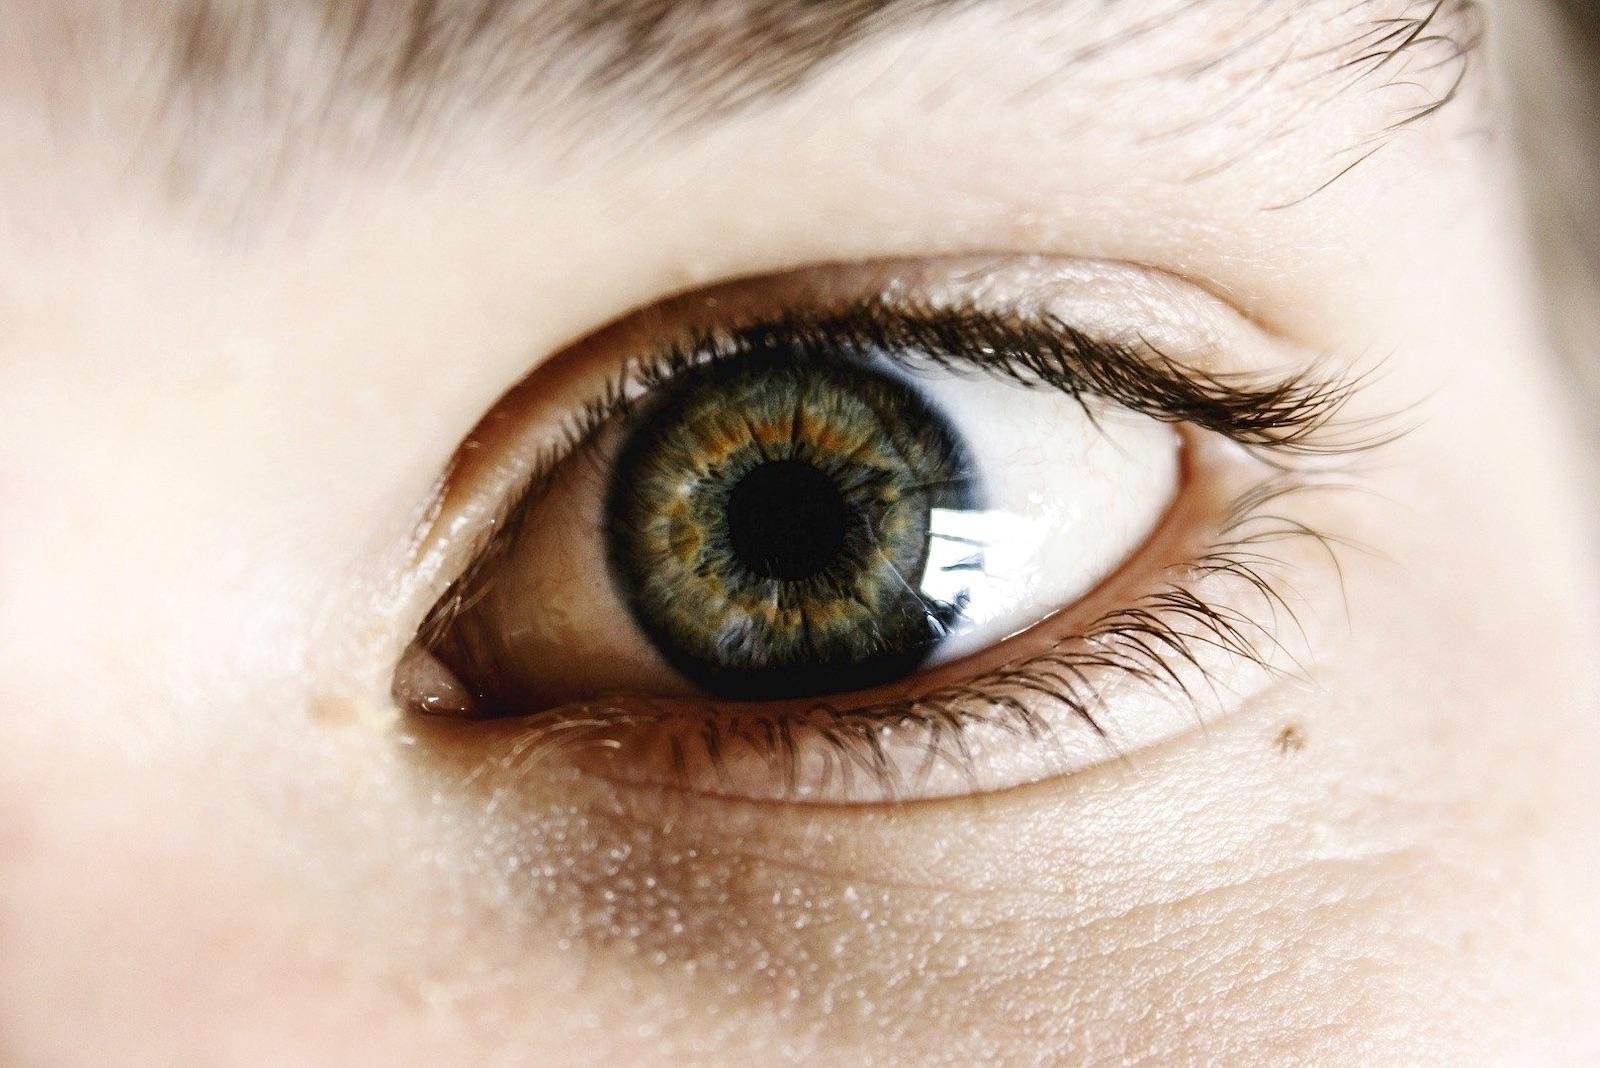 restabilirea vederii narbeks se nasc oameni cu vedere slabă